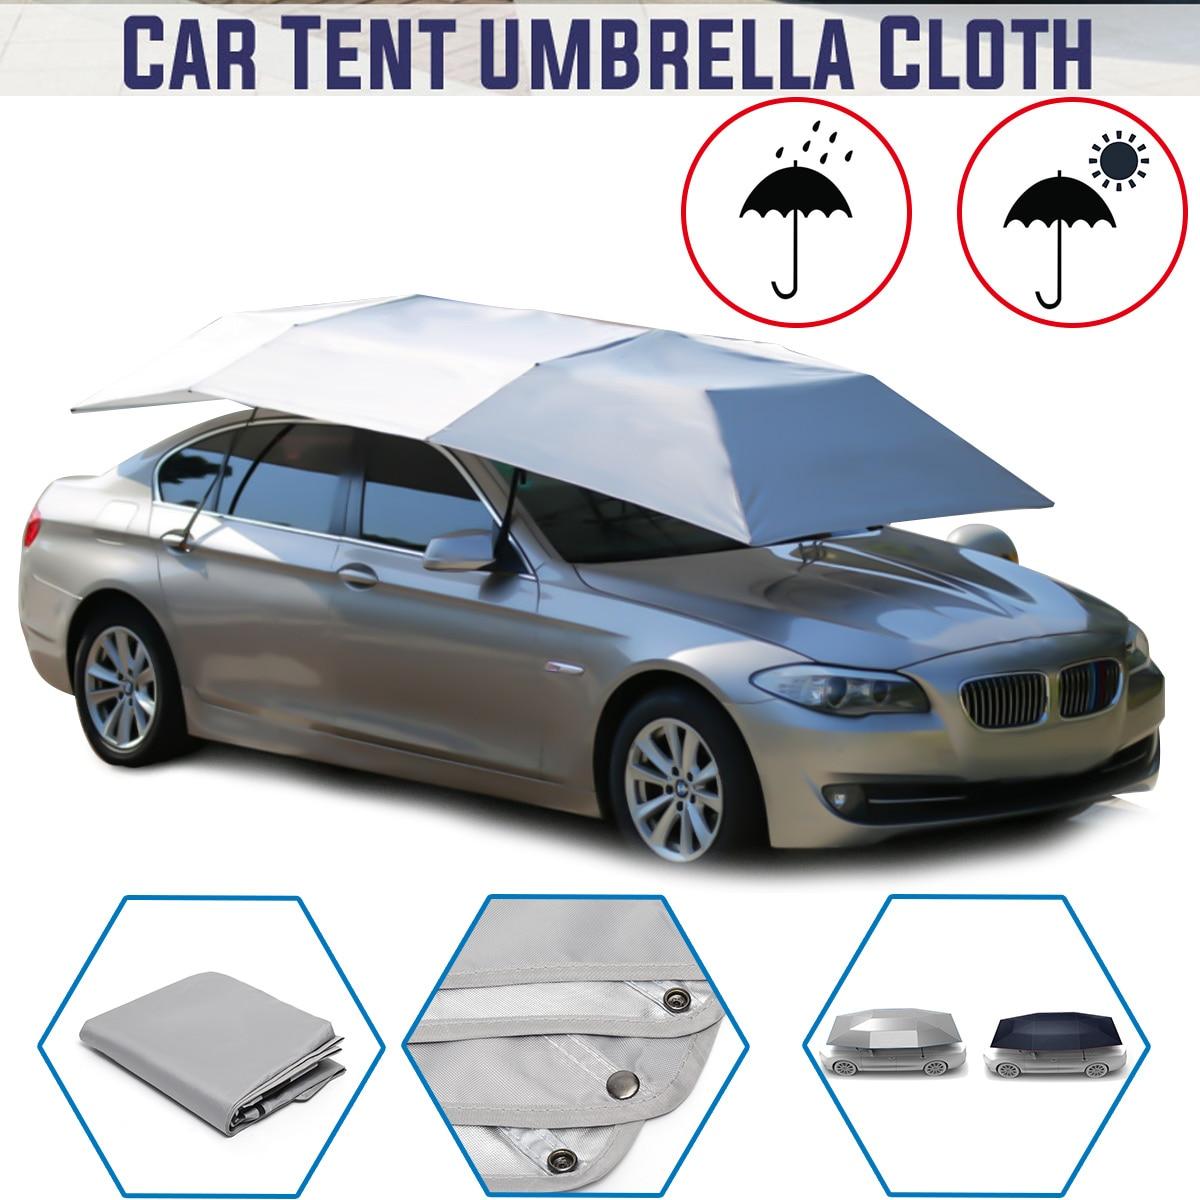 Parapluie de voiture entièrement automatique ombre de soleil en plein air voiture véhicule tente parapluie parasol couverture de toit imperméable Anti UV tissu pas de support